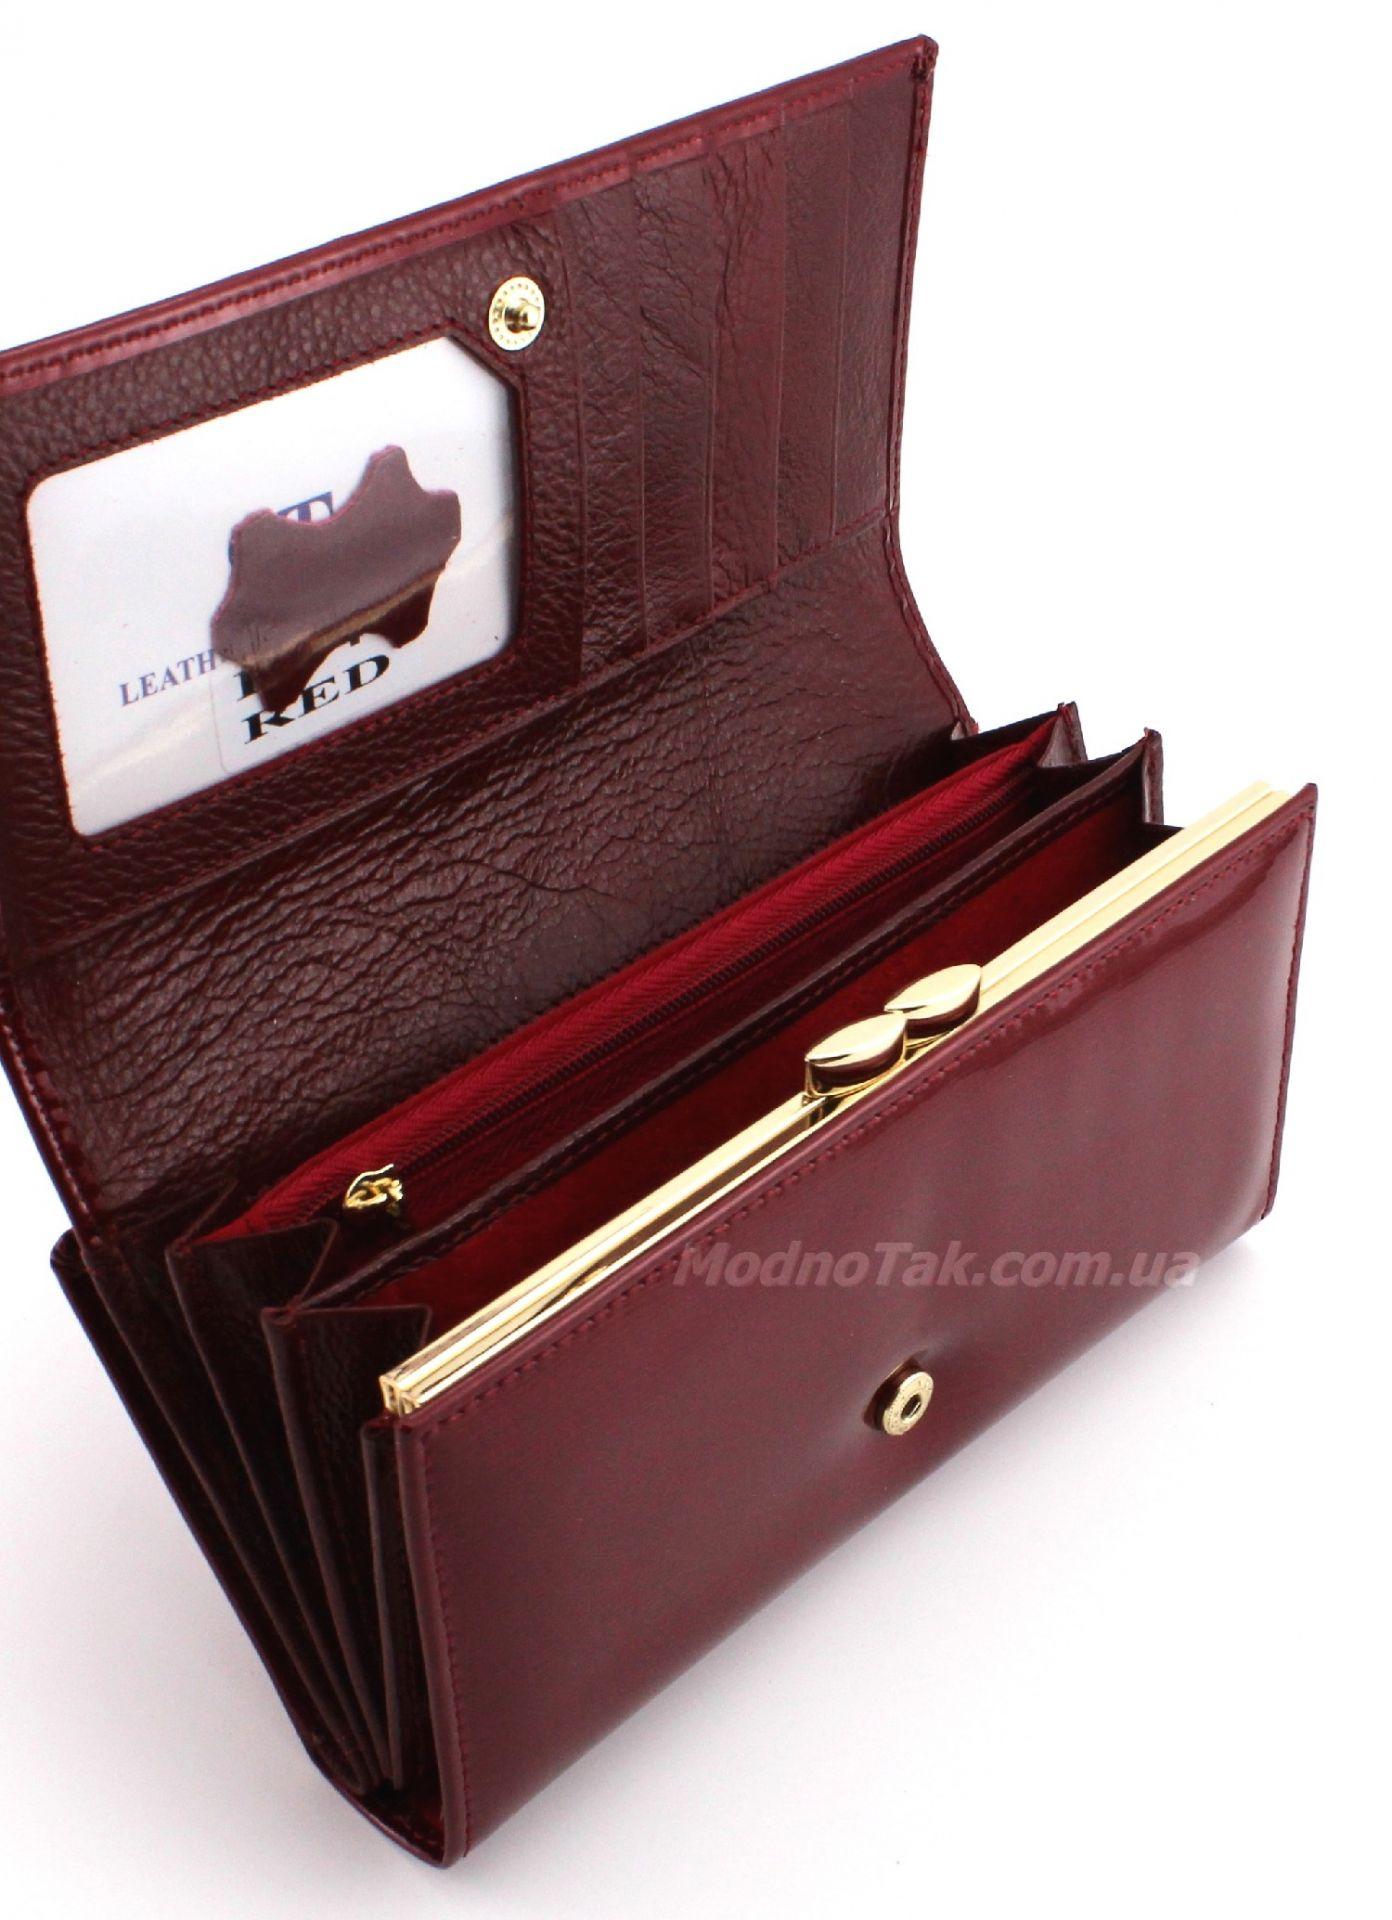 Лакированный кошелек из натуральной кожи